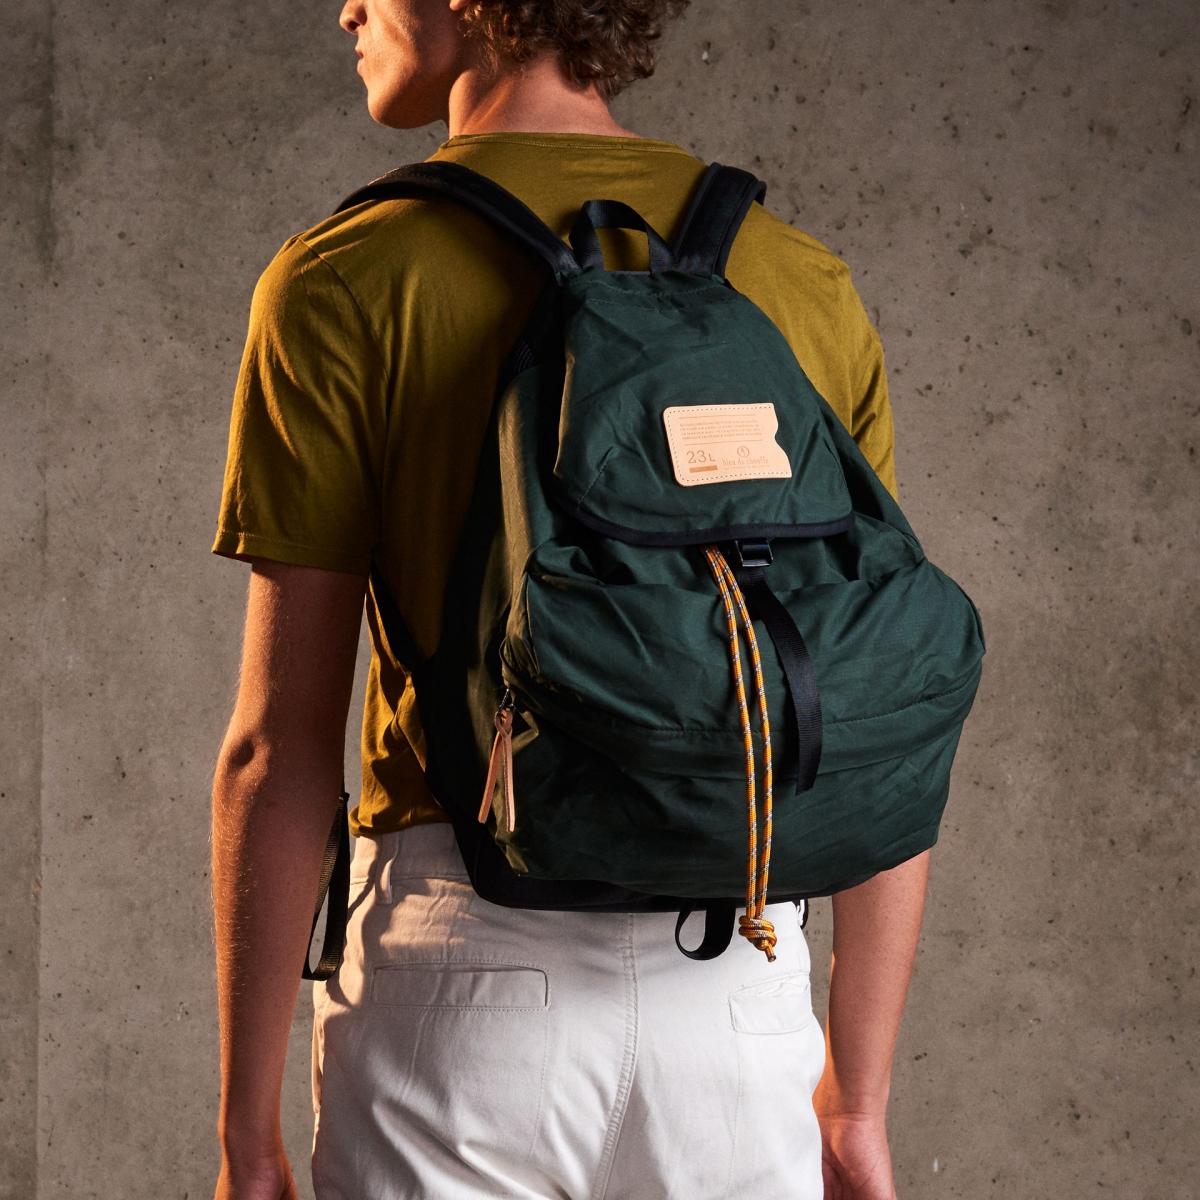 23L Bayou Backpack - Dark Khaki (image n°6)